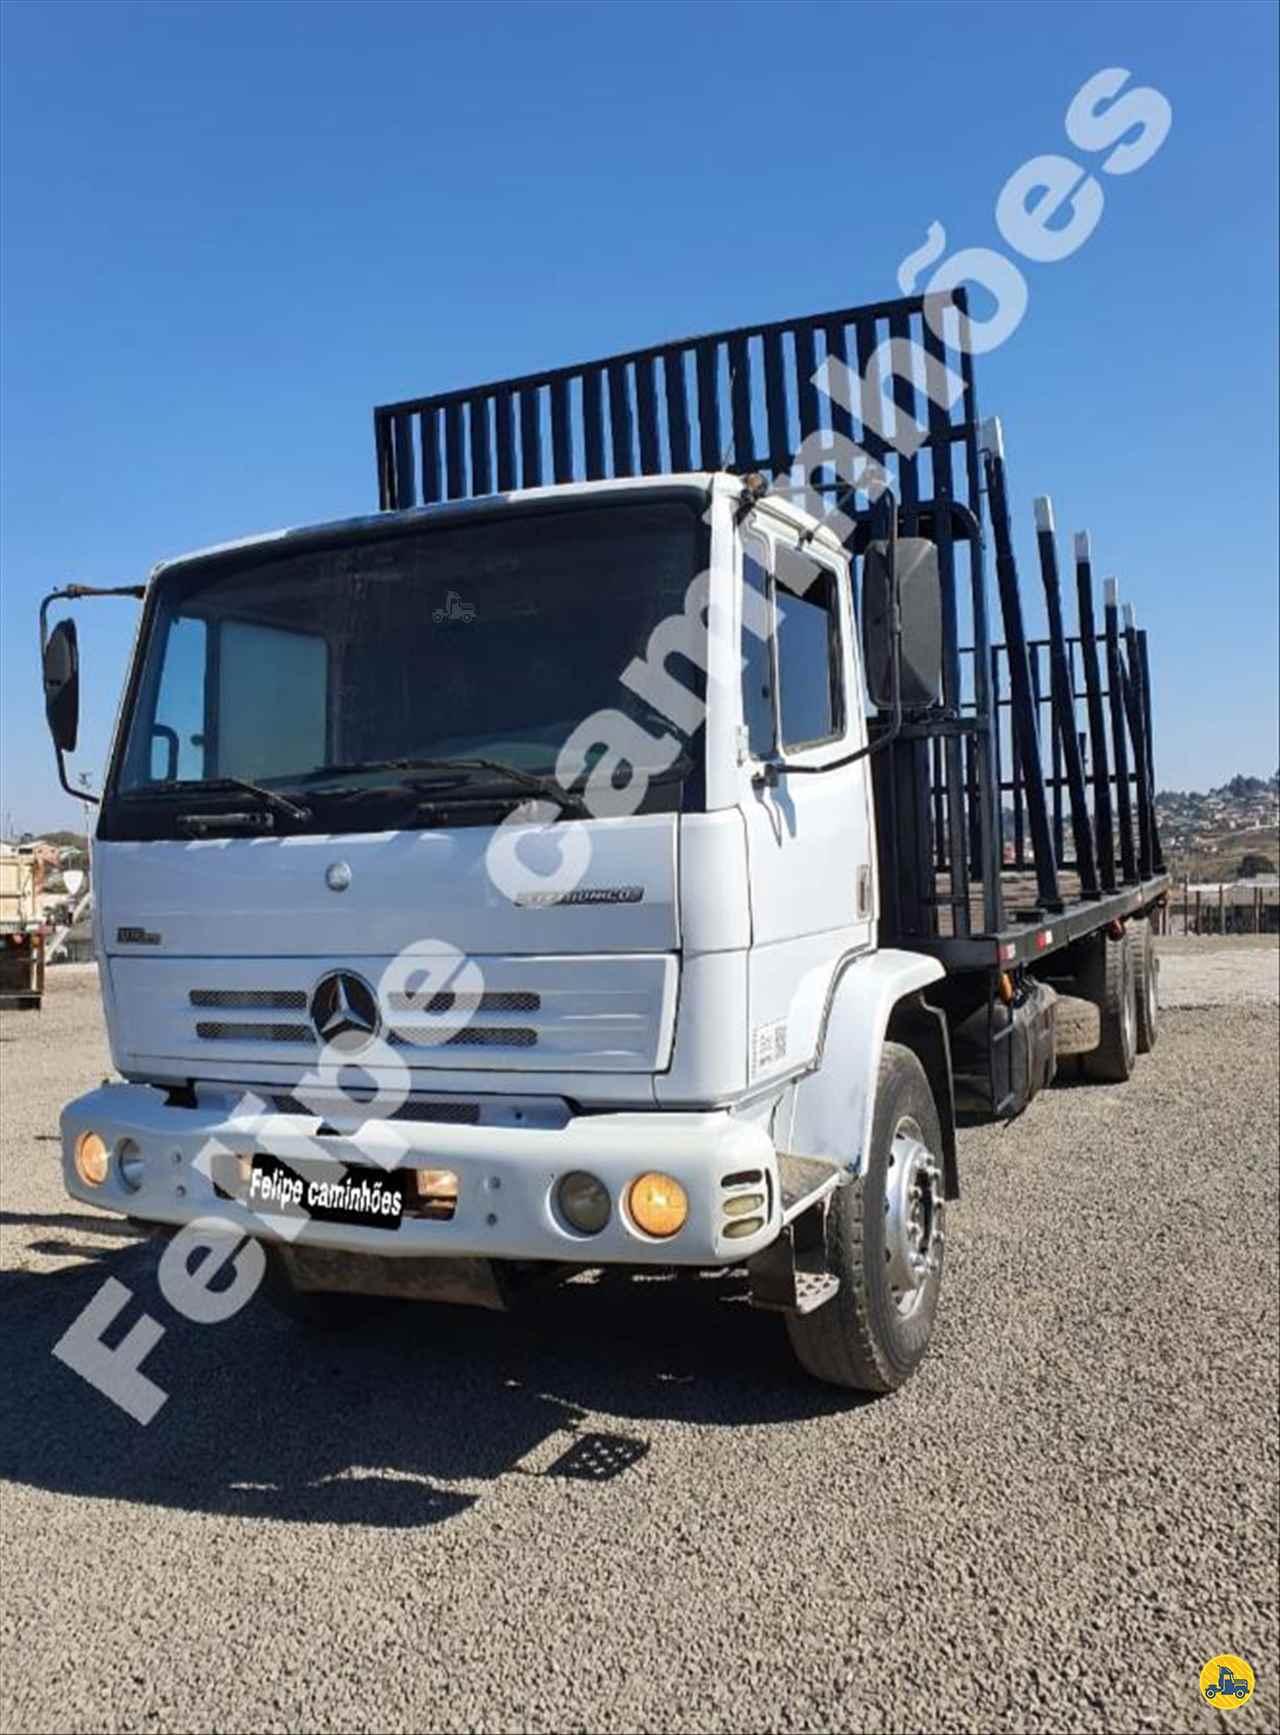 CAMINHAO MERCEDES-BENZ MB 1728 Plataforma Traçado 6x4 Felipe Caminhões LAGES SANTA CATARINA SC